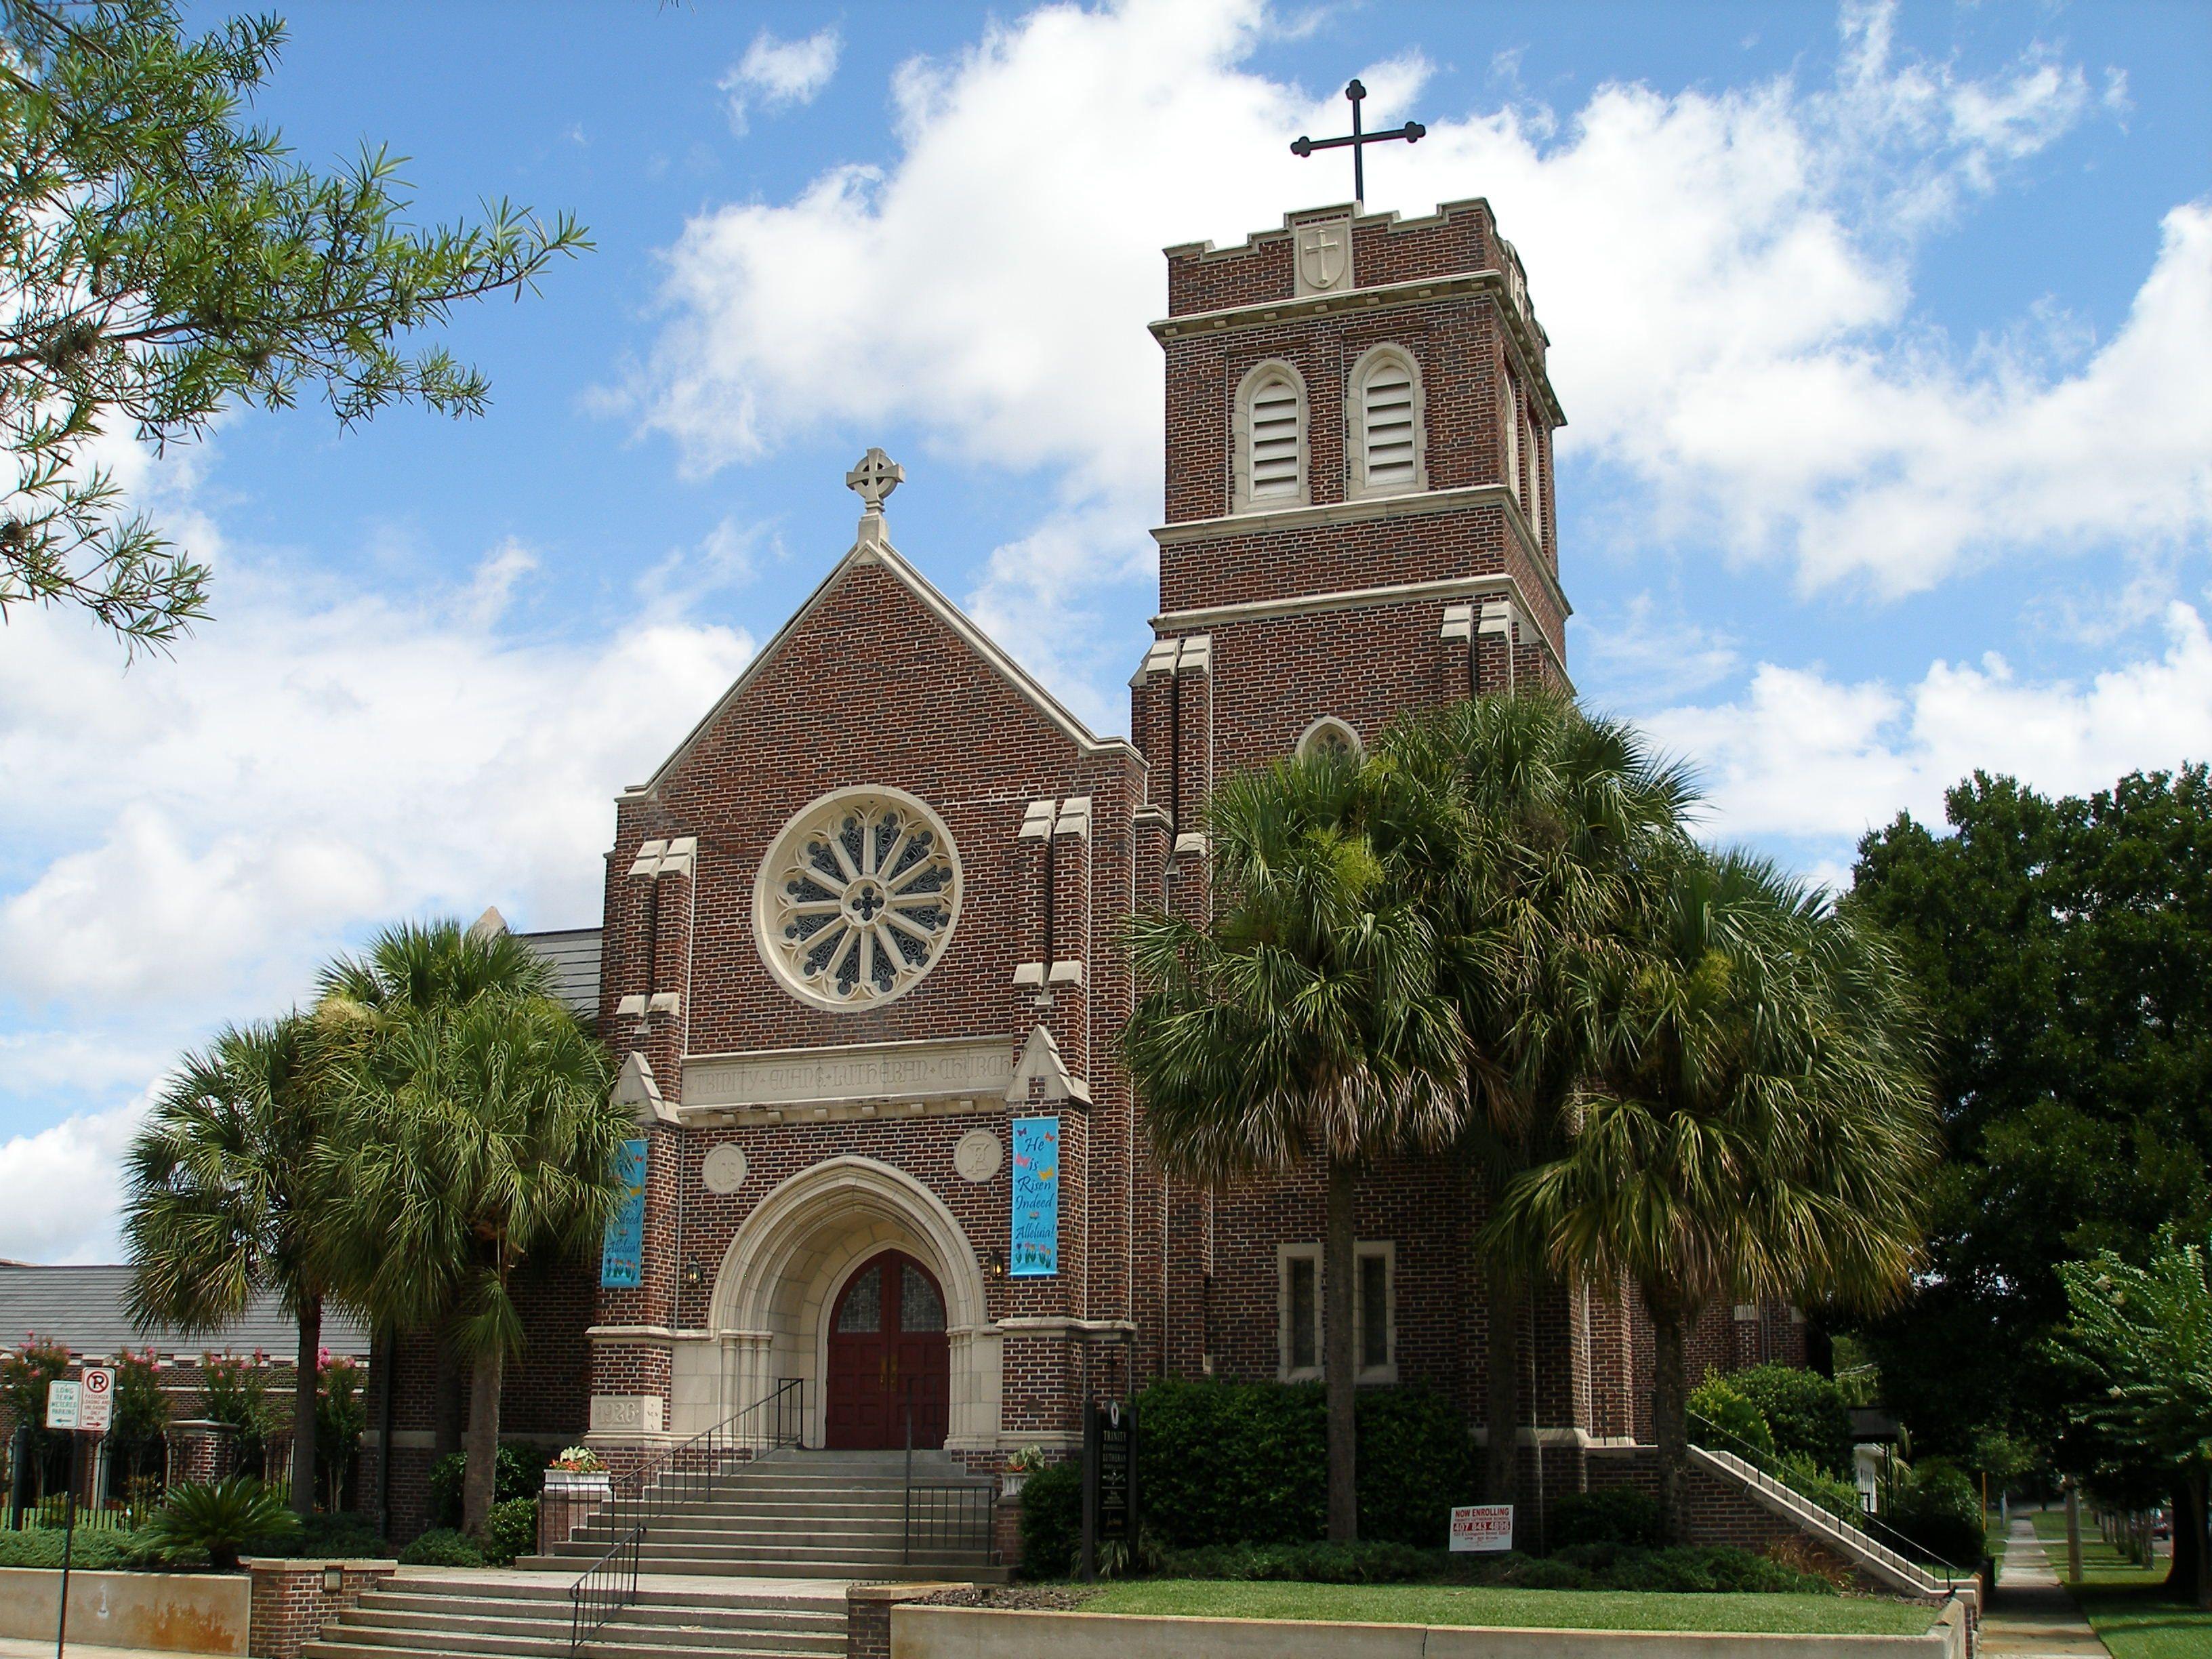 Trinity Downtown Lutheran Church At Orlando Fl Central Florida Wedding Venues Orlando Wedding Venues Florida Wedding Venues Wedding Venues Orlando Fl